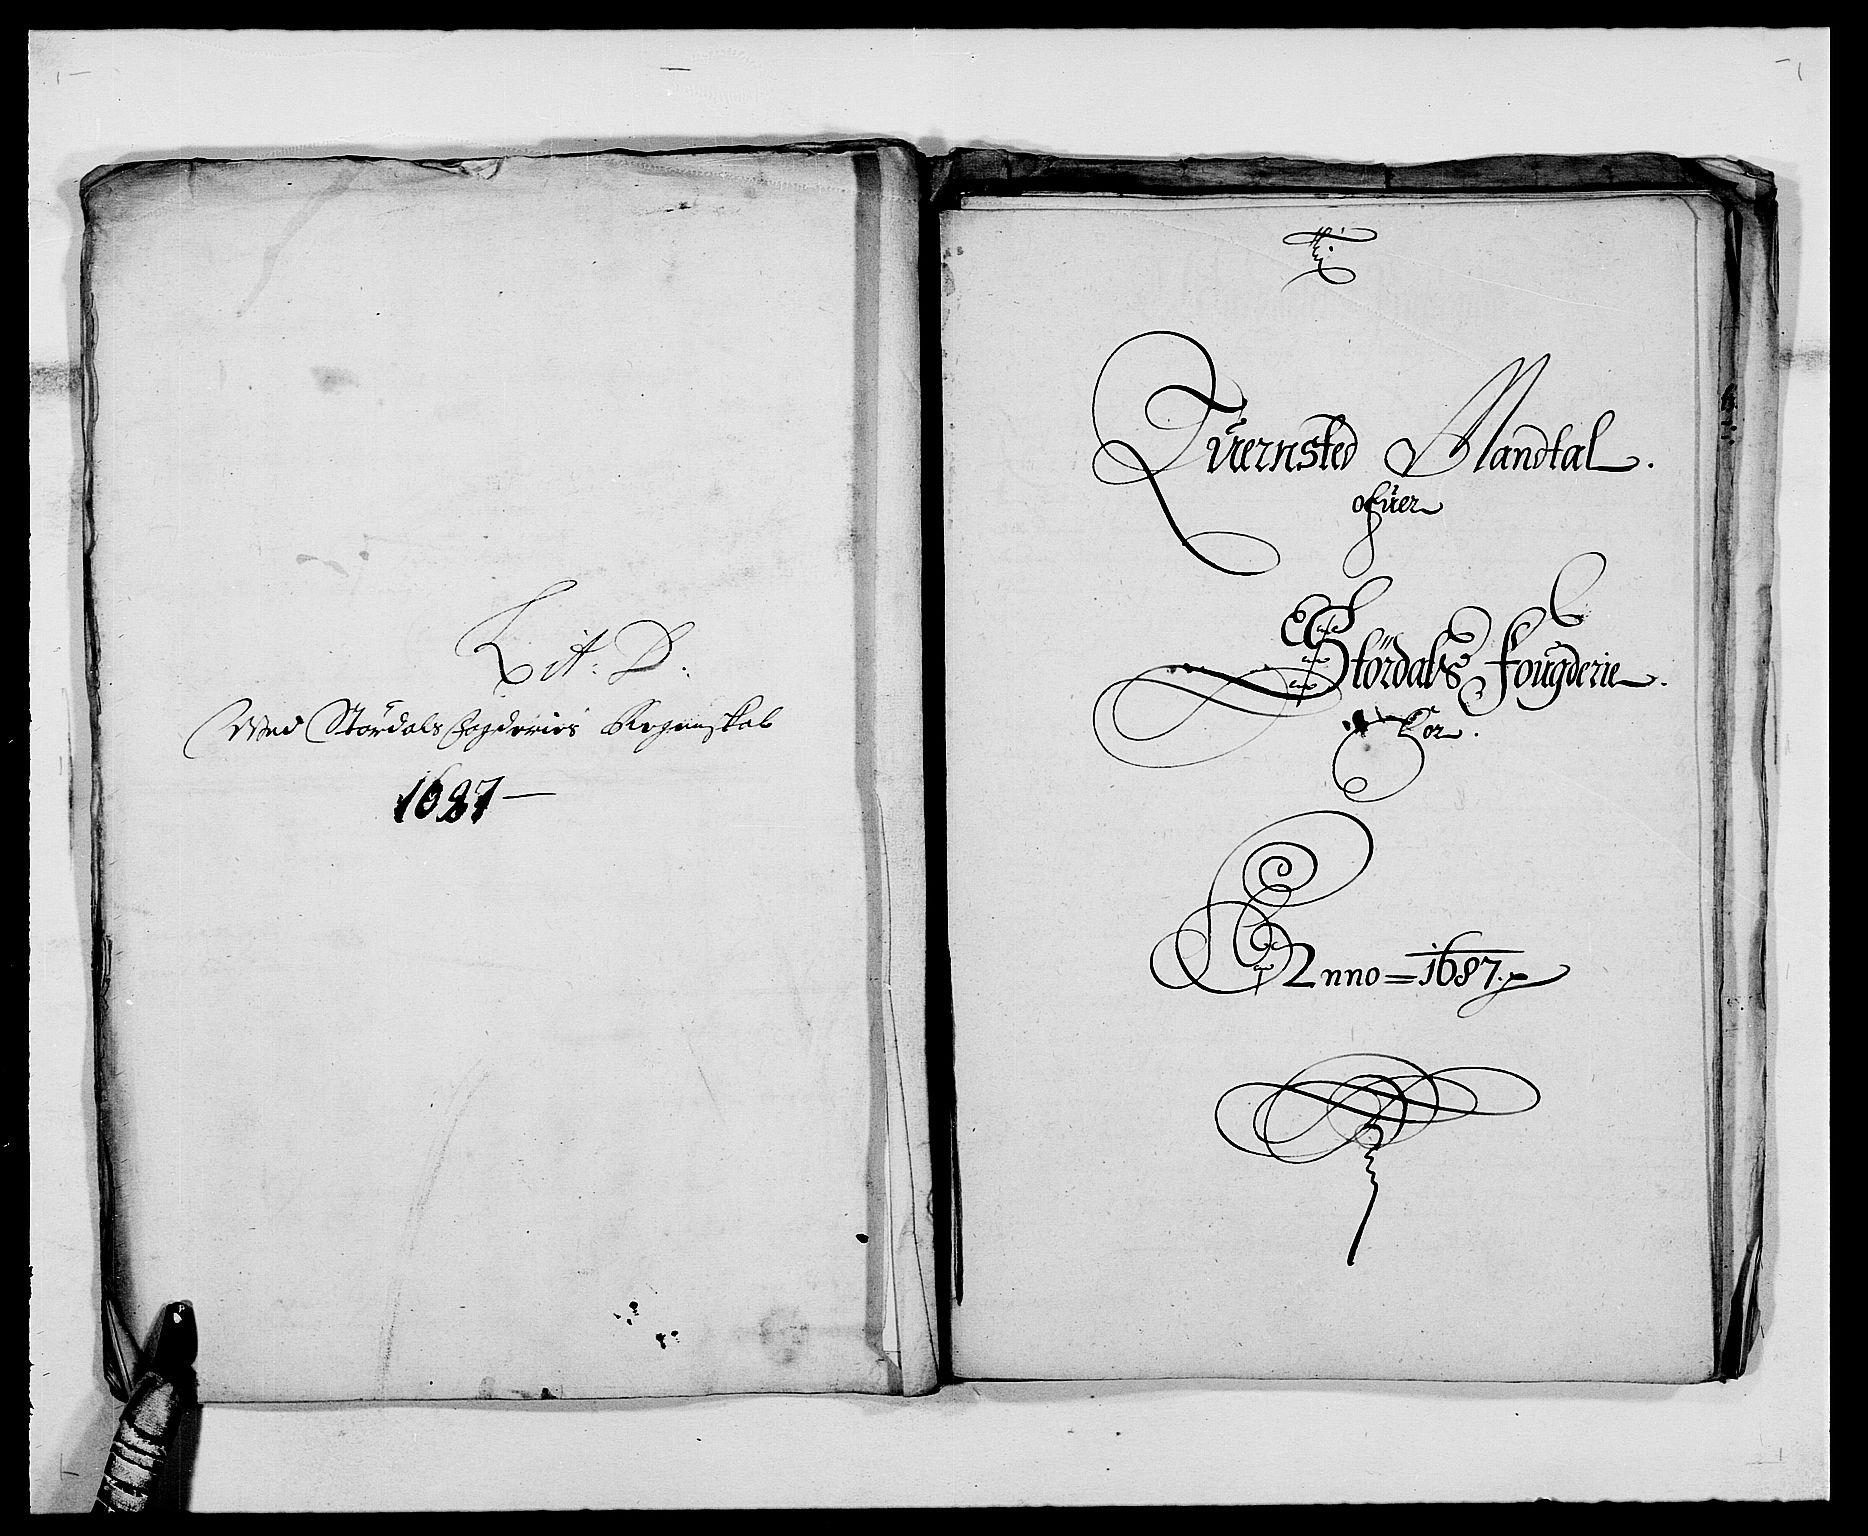 RA, Rentekammeret inntil 1814, Reviderte regnskaper, Fogderegnskap, R62/L4183: Fogderegnskap Stjørdal og Verdal, 1687-1689, s. 55